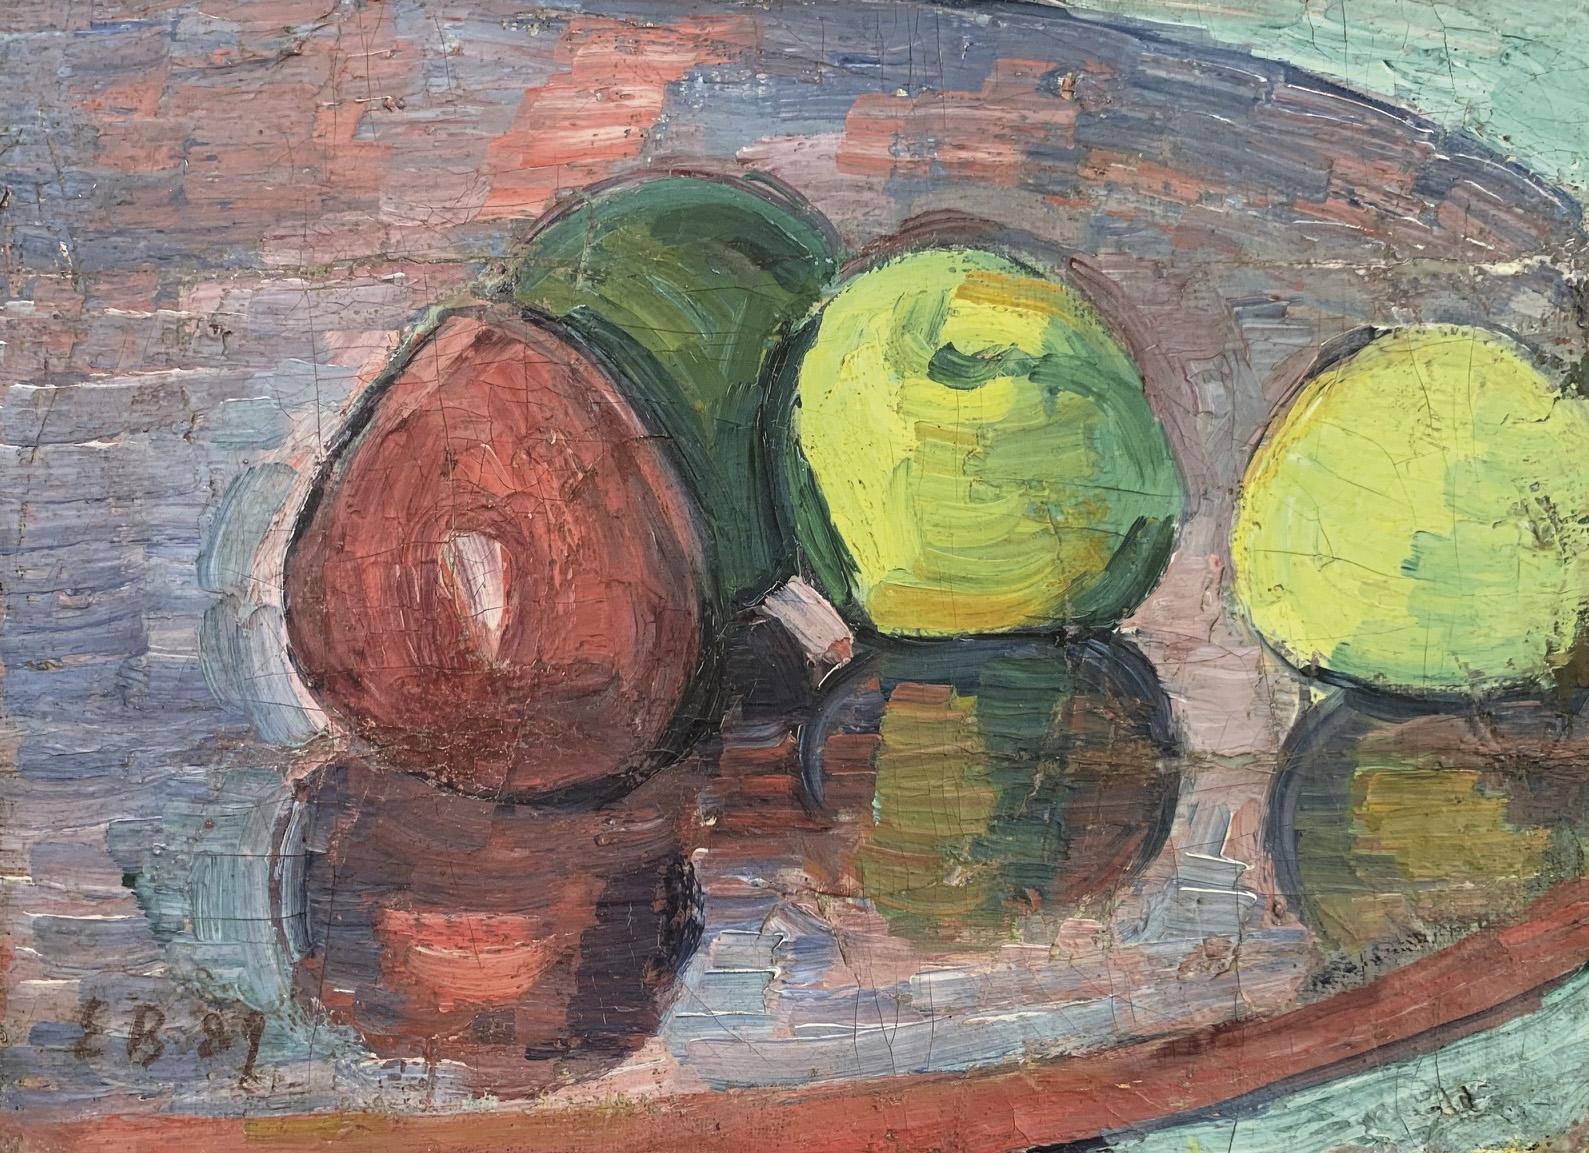 61 380€ : c'est la somme allouée à cette œuvre d'Émile Bernard (1868-1941), Nature morte aux pommes, toile signée et datée (18)«89». Elle